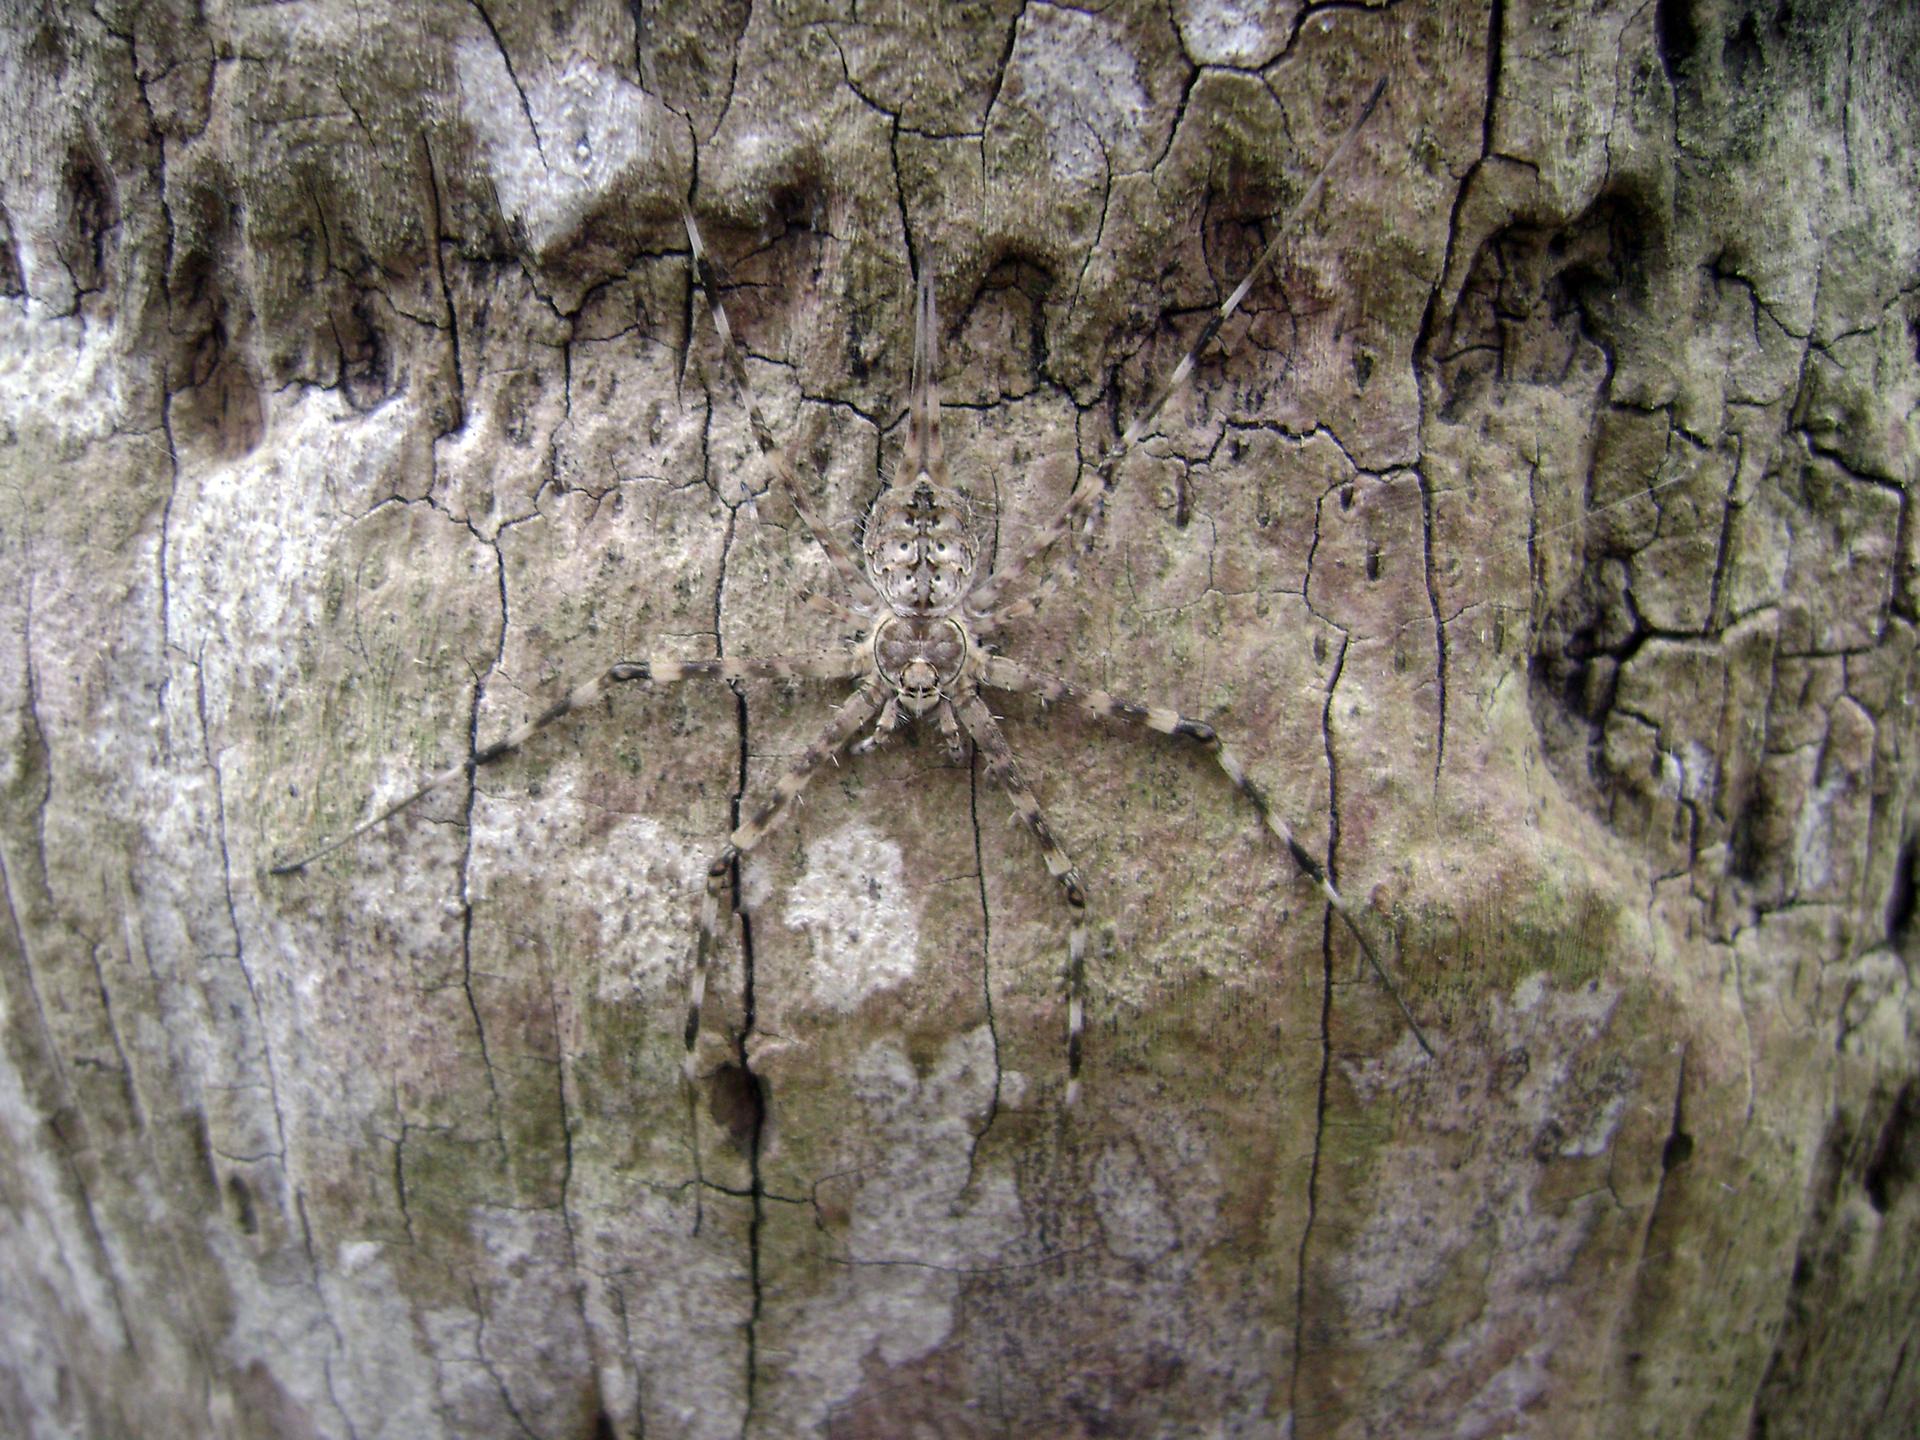 Fotografia przedstawia pająka na korze drzewa. Prawia go nie widać.